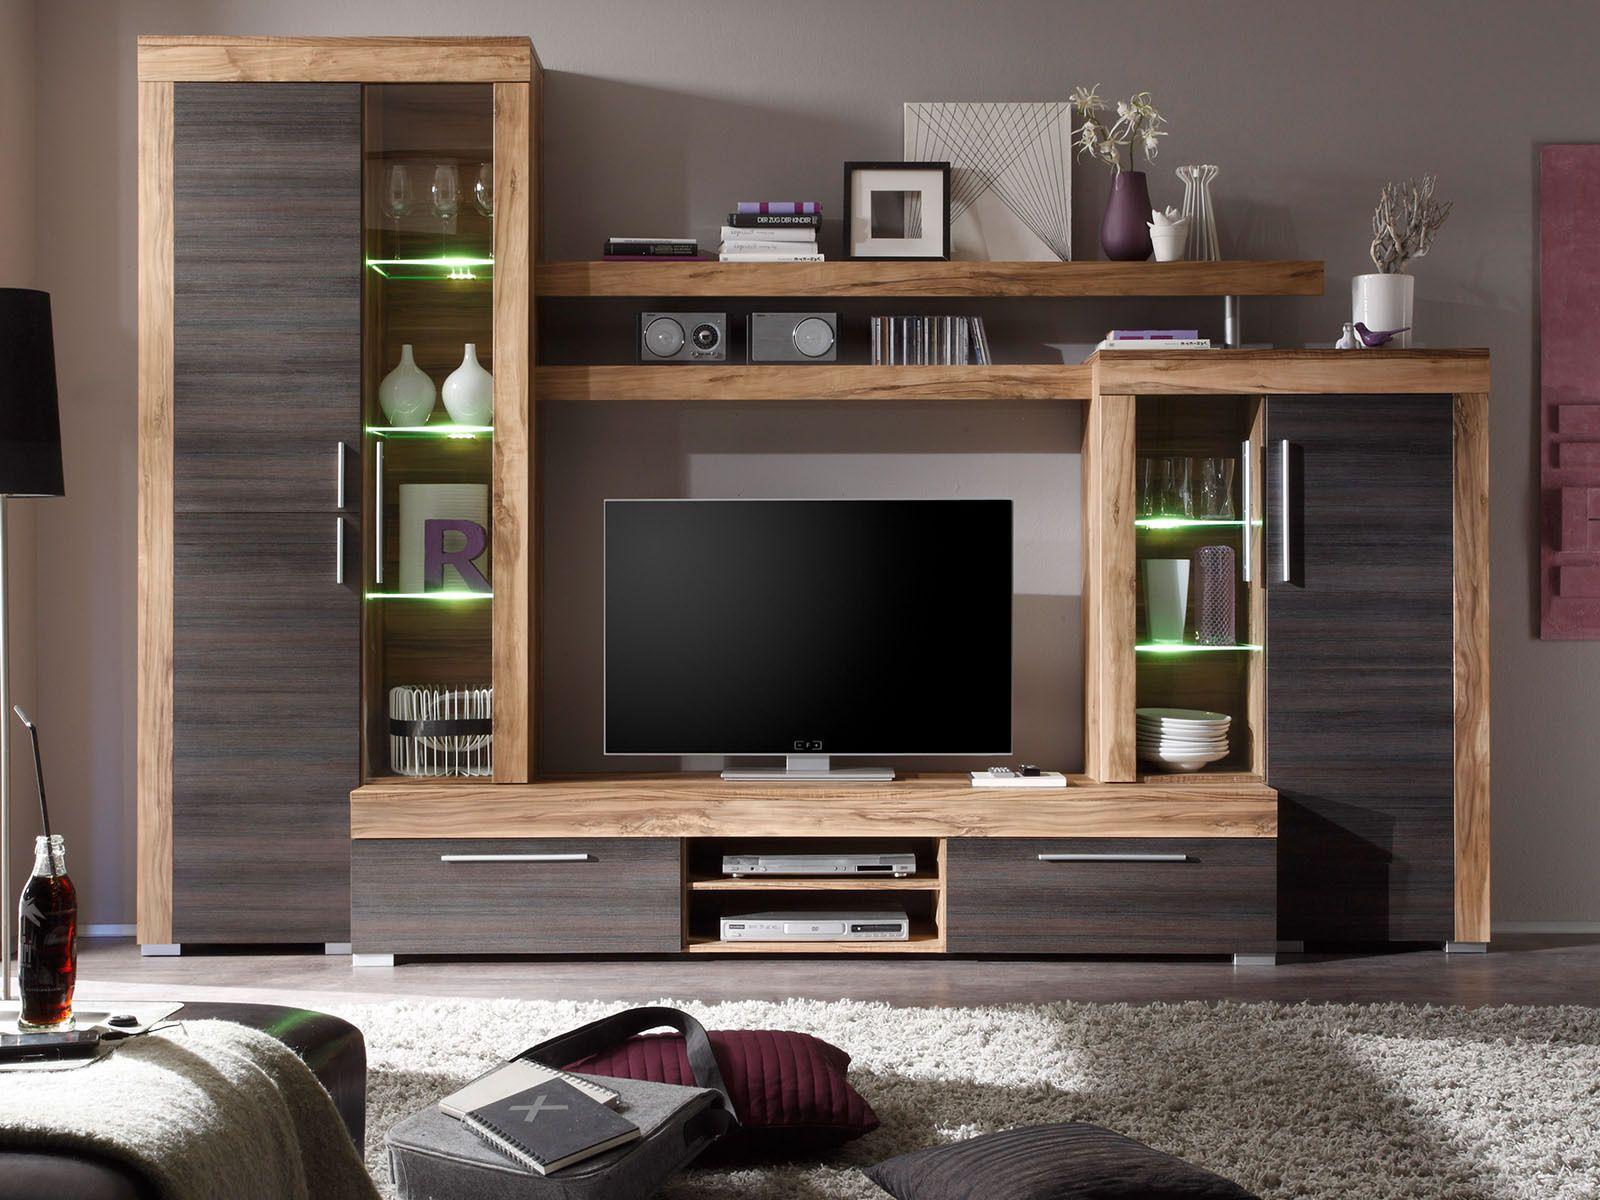 Ebay Angebot Wohnwand Anbauwand Schrankwand Wohnzimmerschrank